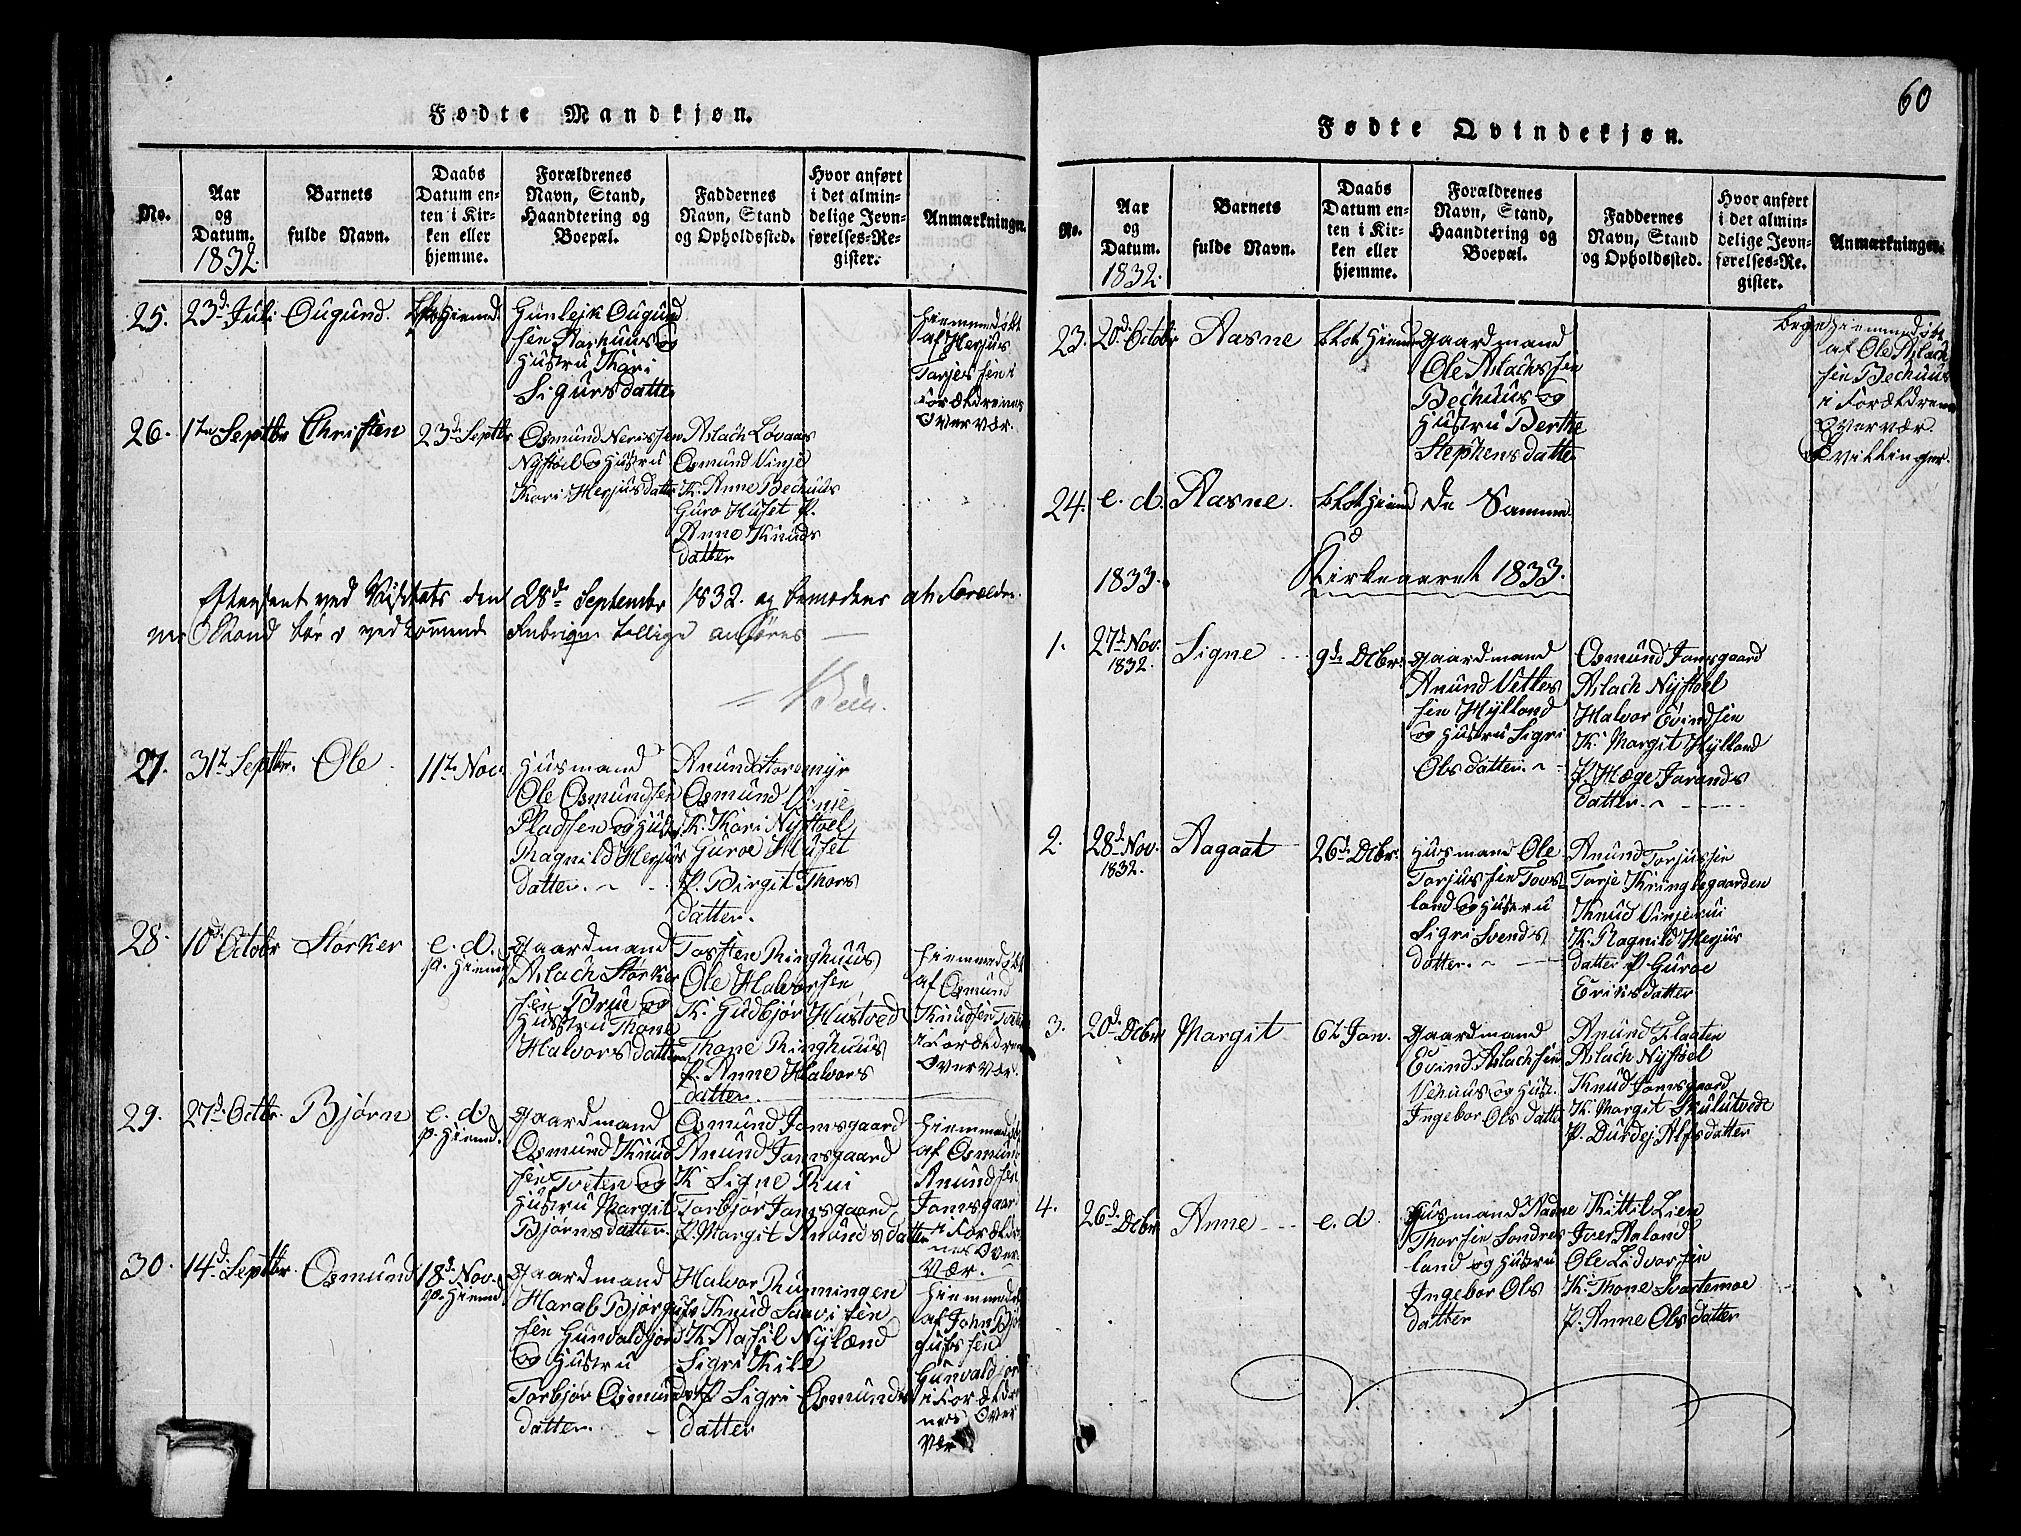 SAKO, Vinje kirkebøker, G/Ga/L0001: Klokkerbok nr. I 1, 1814-1843, s. 60